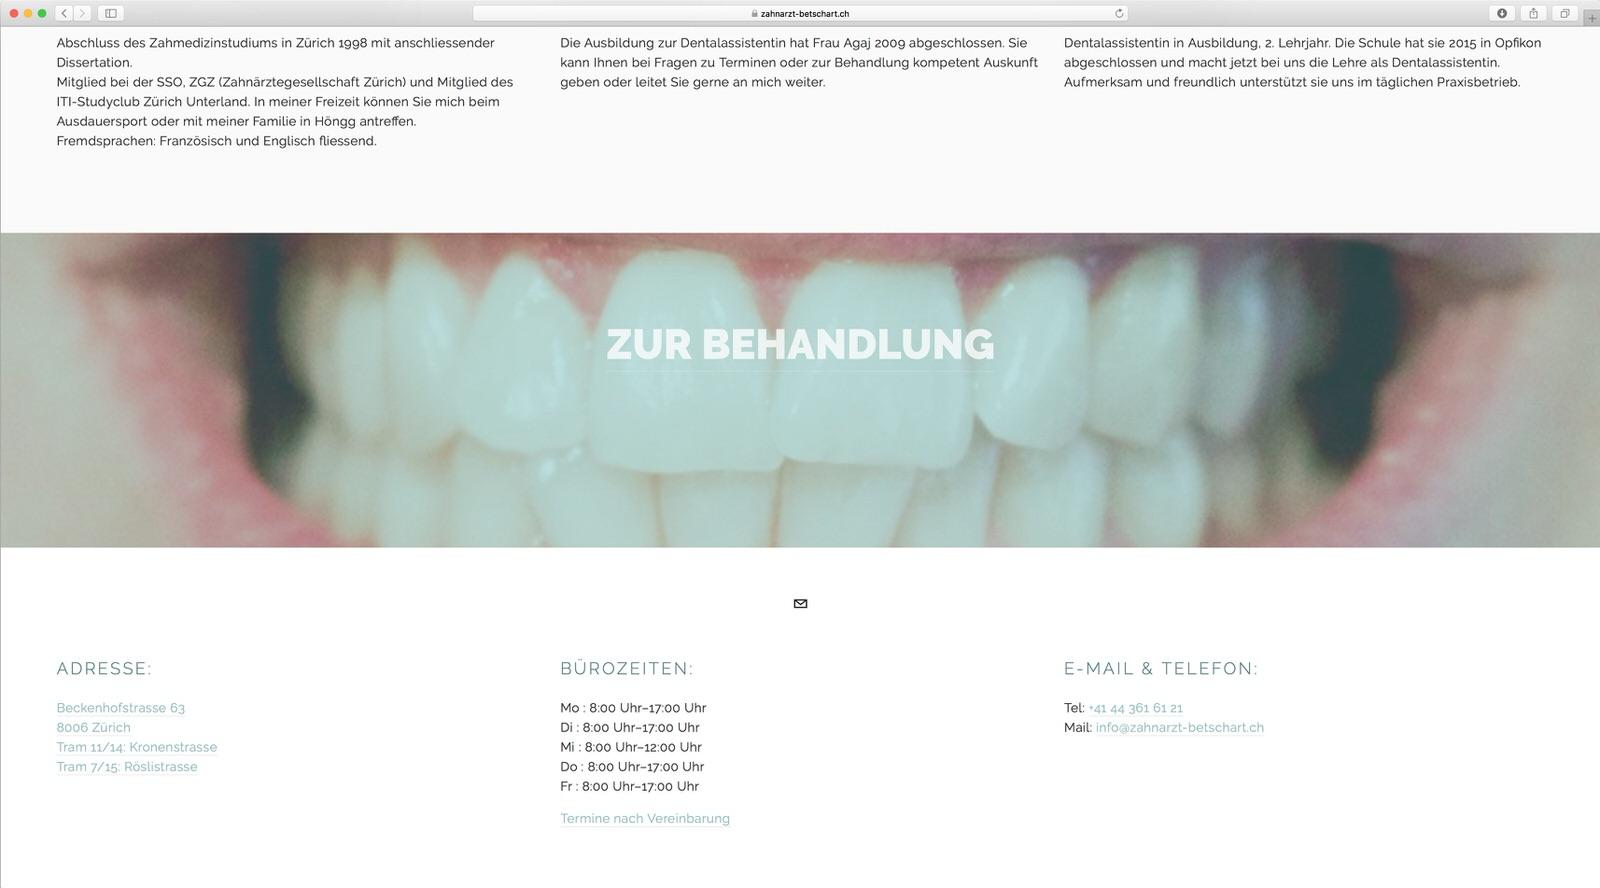 zahnarzt-betschart-webseite-partnersingmbh-1-1.jpg